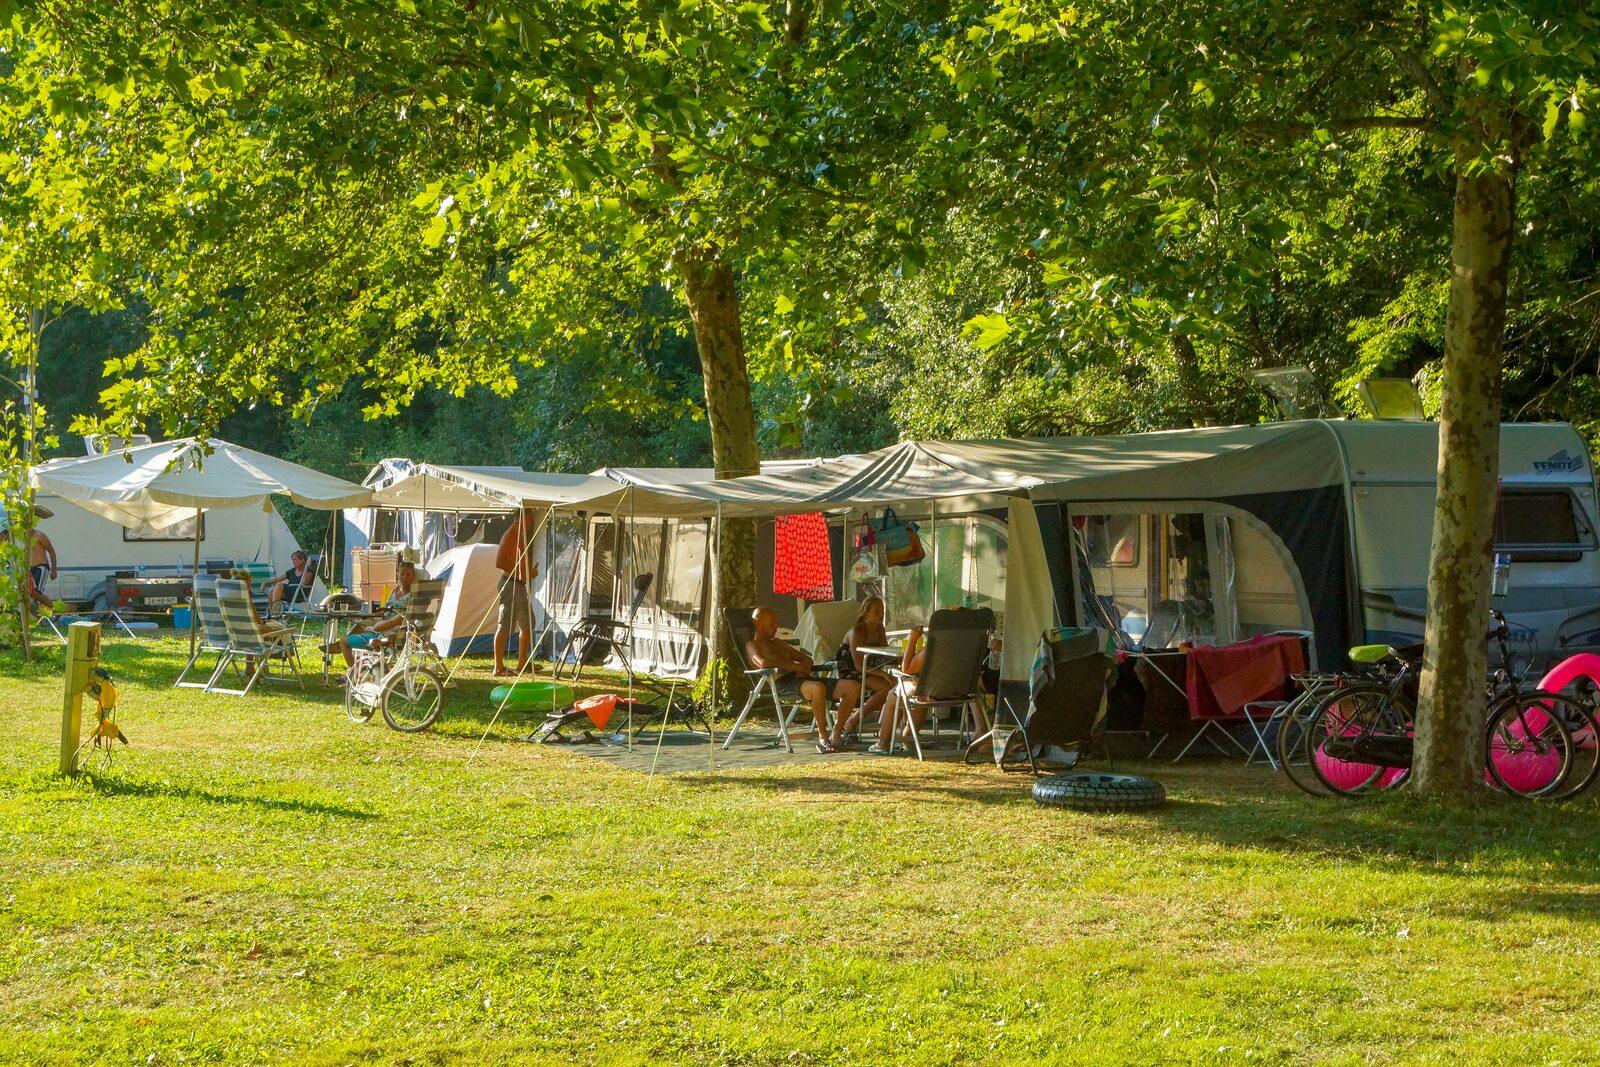 tenten kamperen tentplekken plekken kampeerplekken